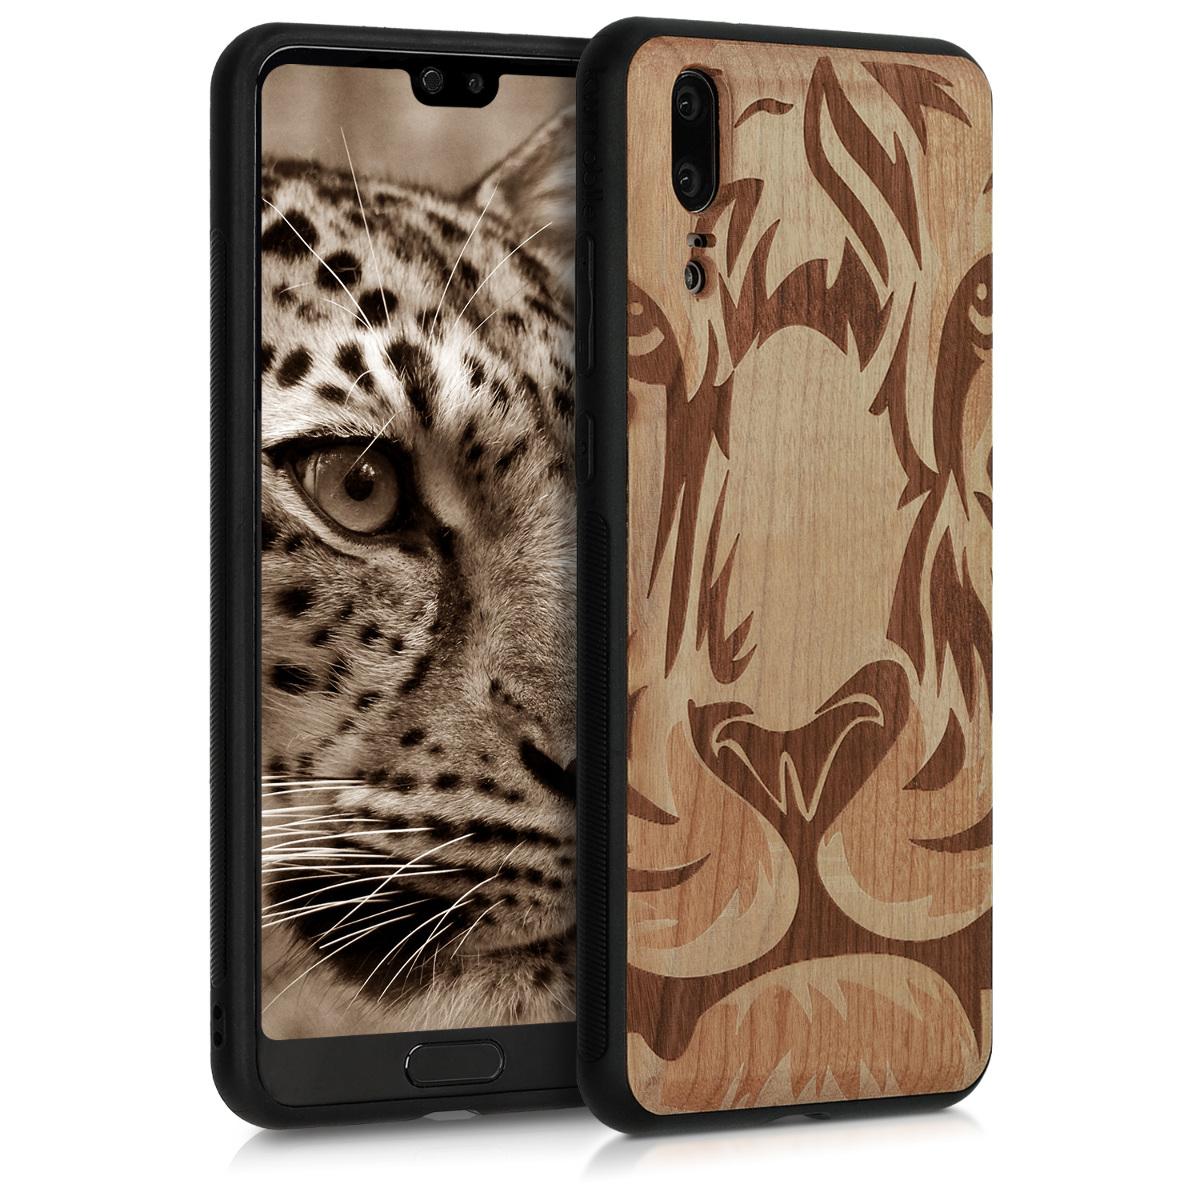 KW Ξύλινη Θήκη Huawei P20 - Τίγρης (45989.08)